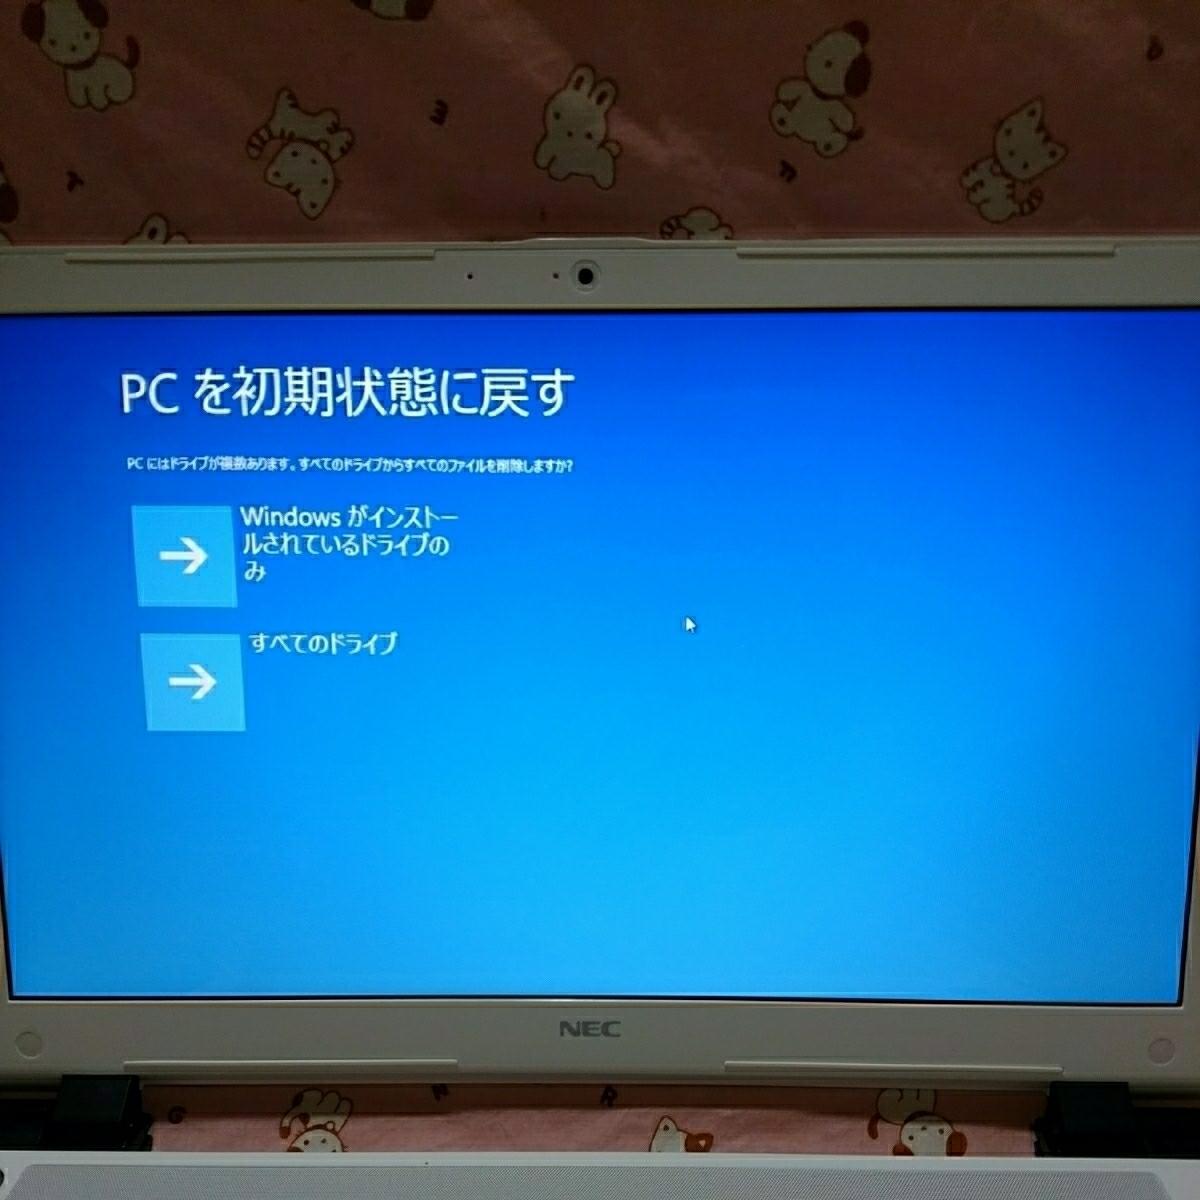 ★ リカバリディスク 再セットアップディスク 作成 NEC LaVie NS150/A  B997